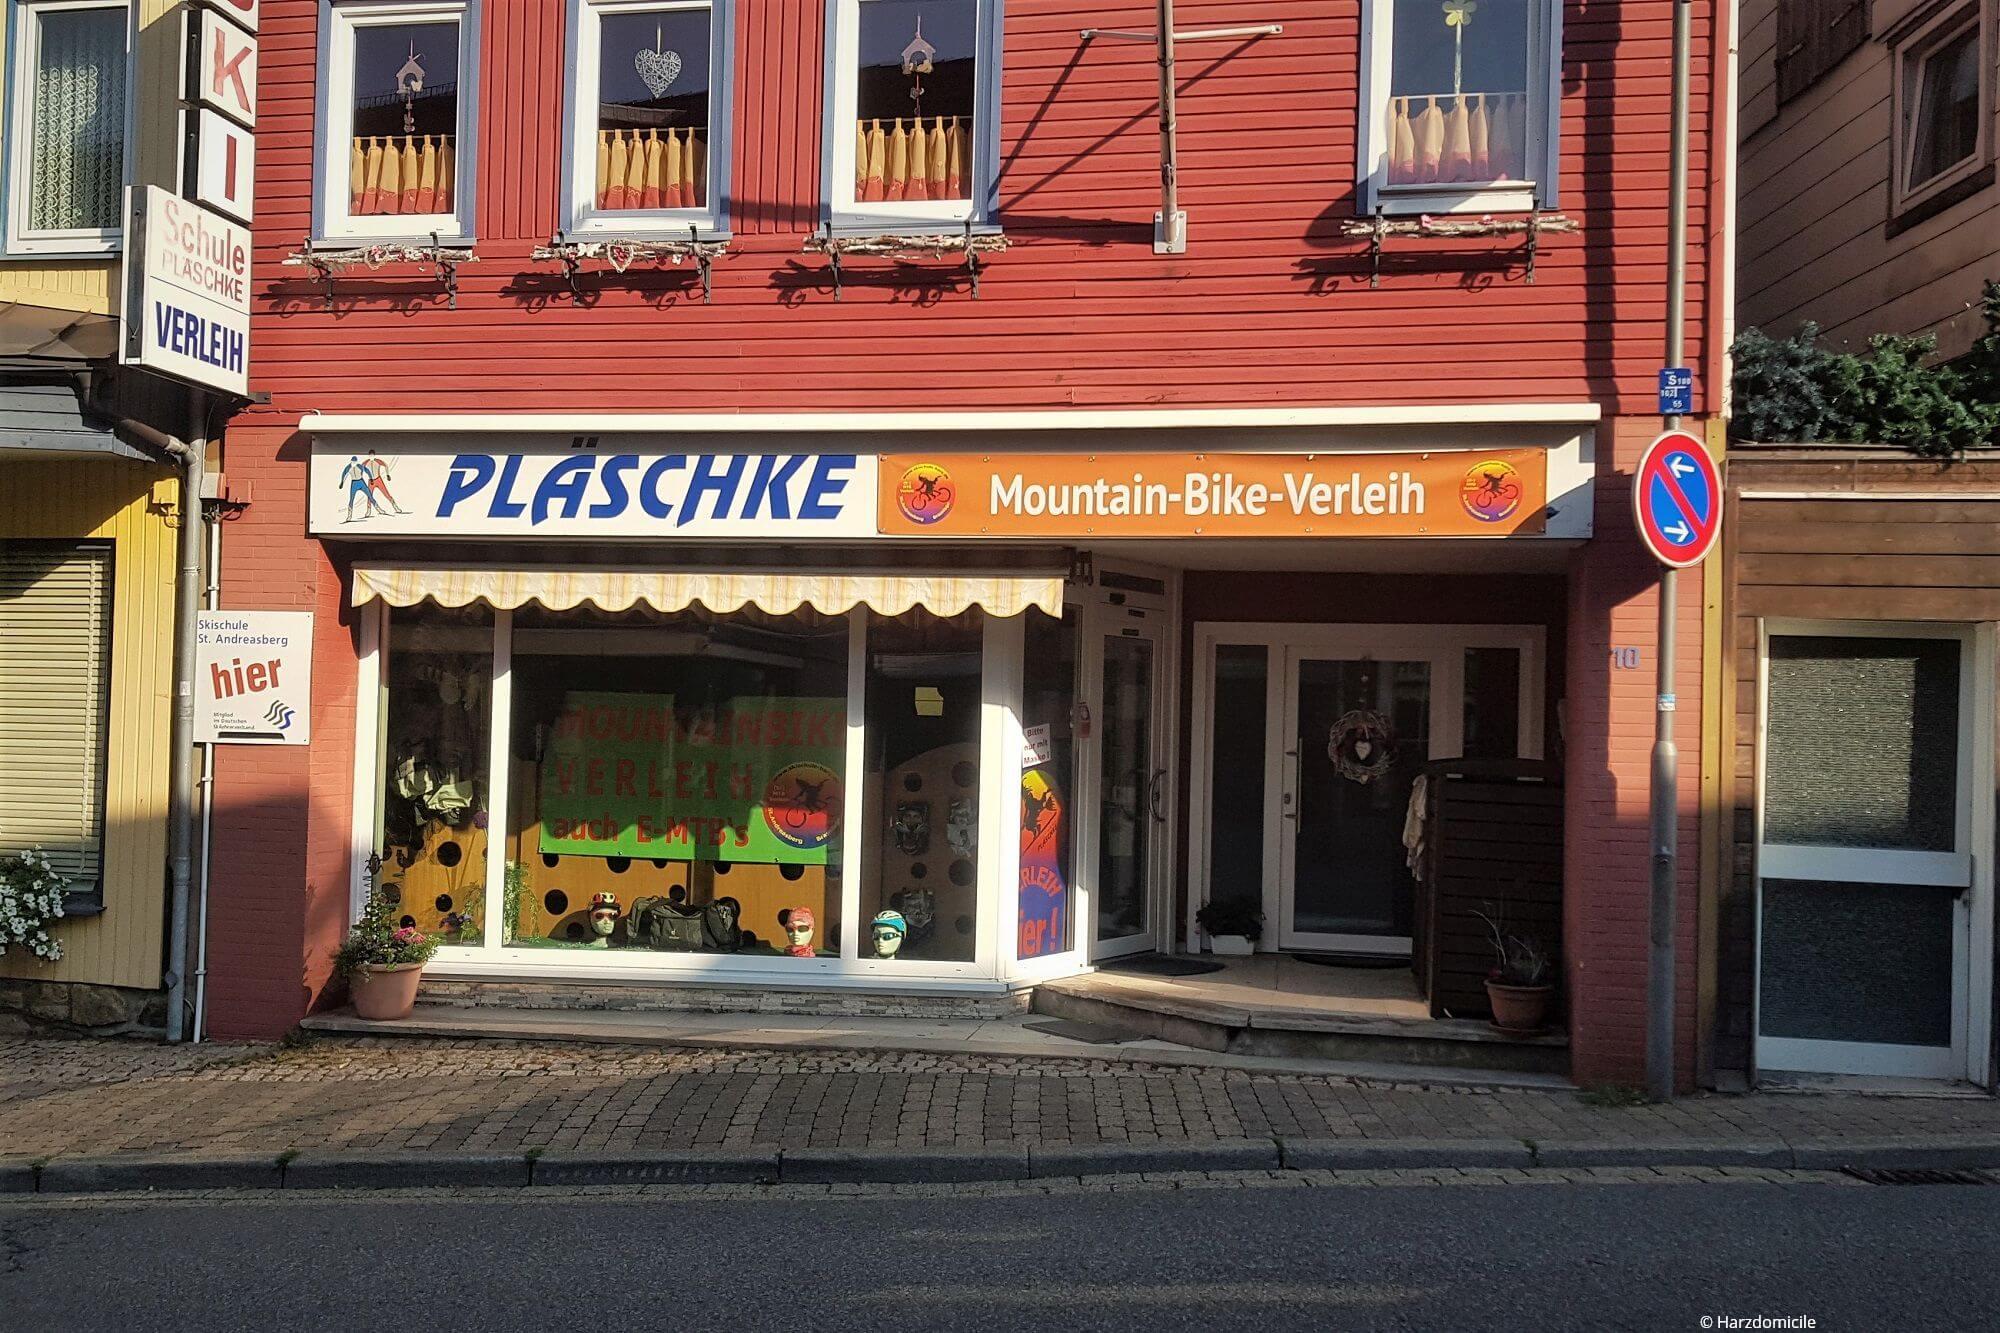 Außenansicht des Fahrradverleihs Sport Pläschke in Sankt Andreasberg in der Dr.-Willi-Bergmann-Straße 10.